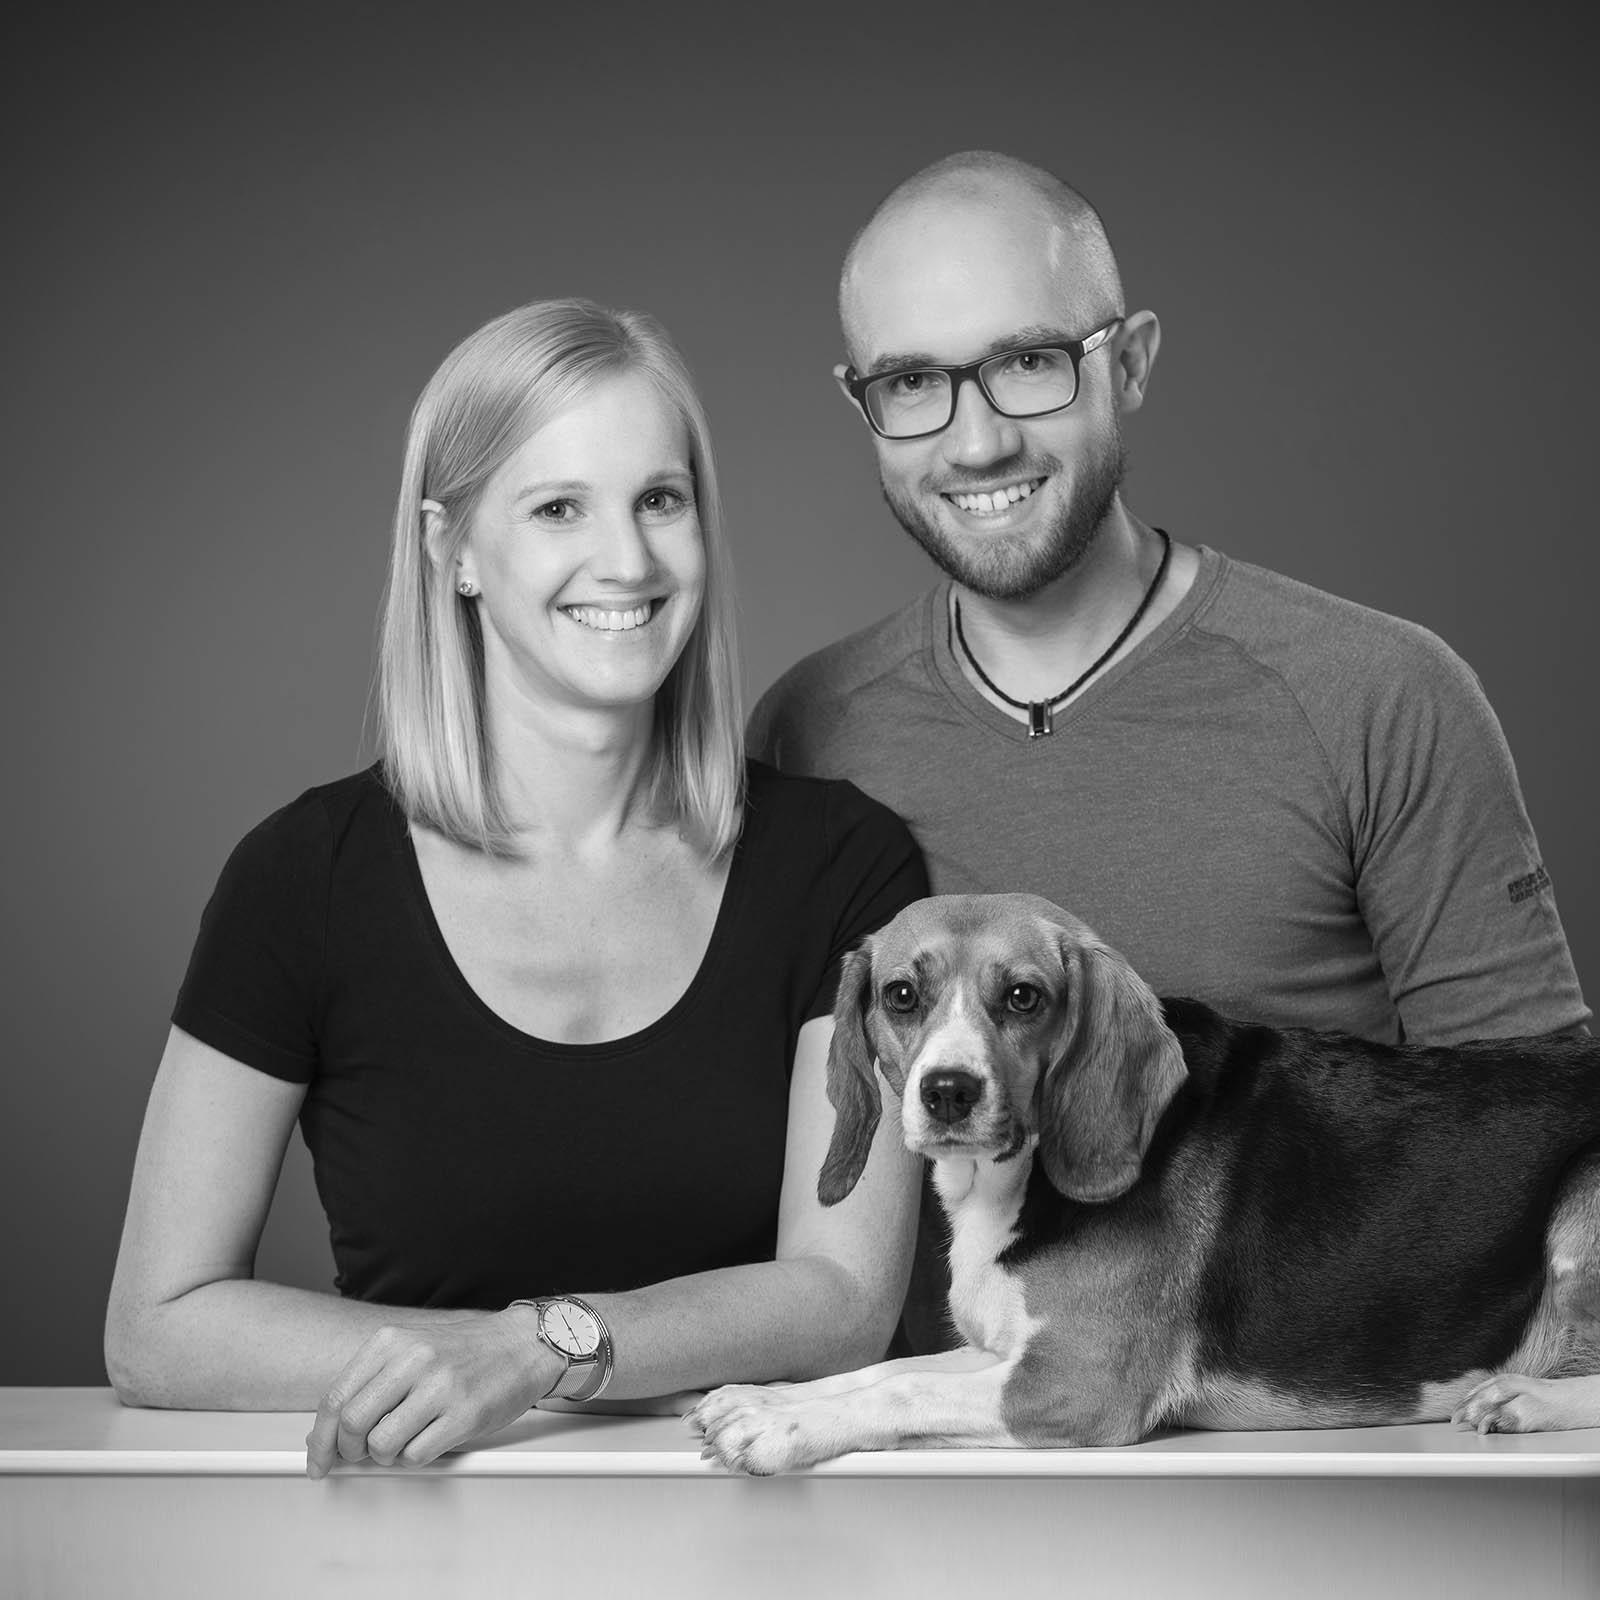 Doppelbild-Familie-Paerchen-Traunstein-Hund-Tierportrait